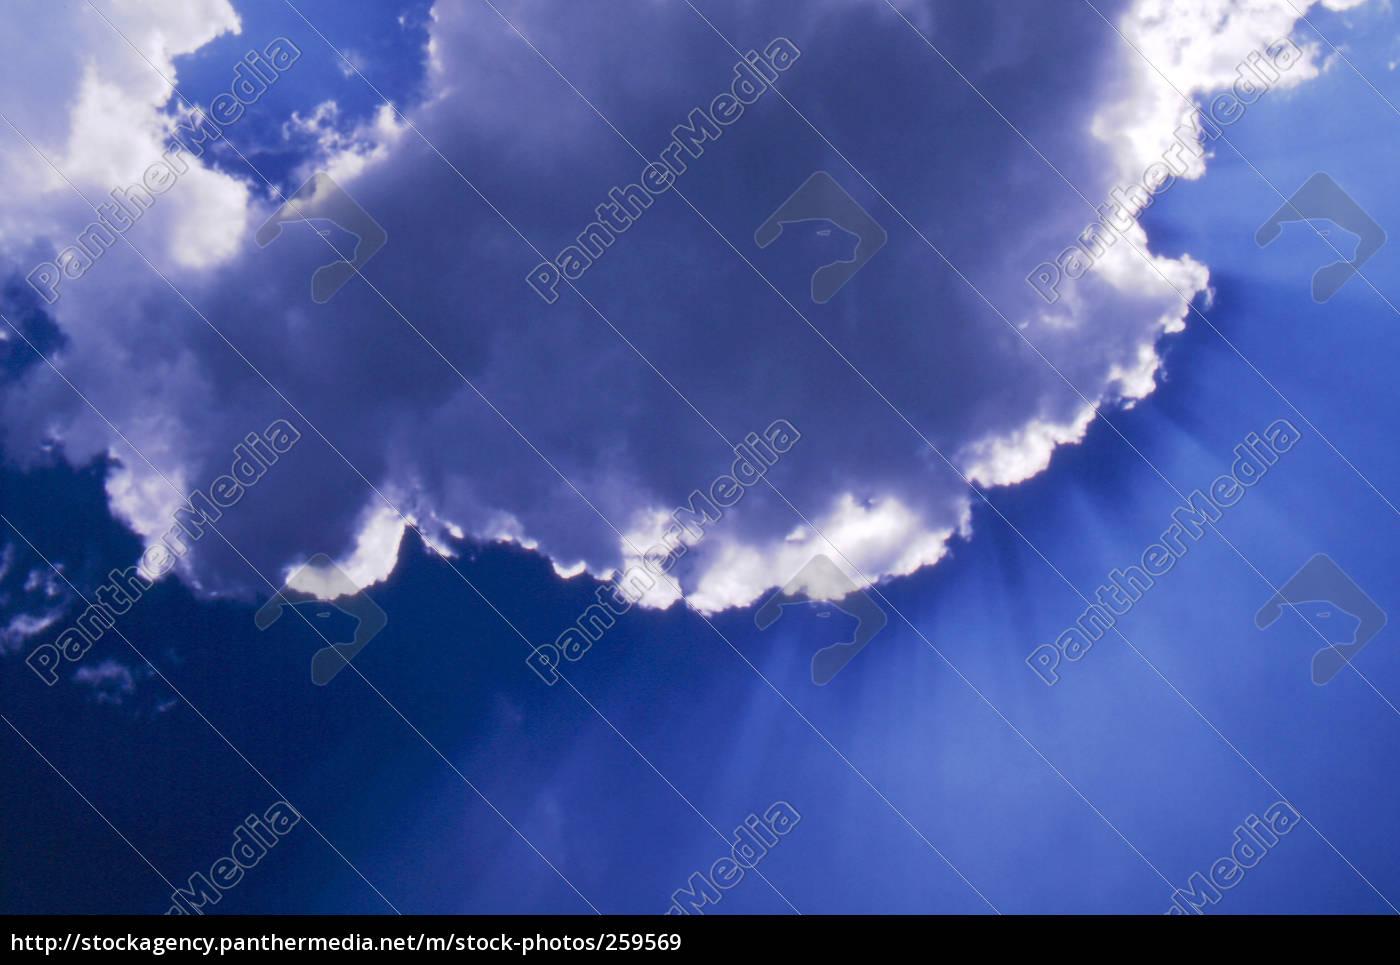 clouds - 259569